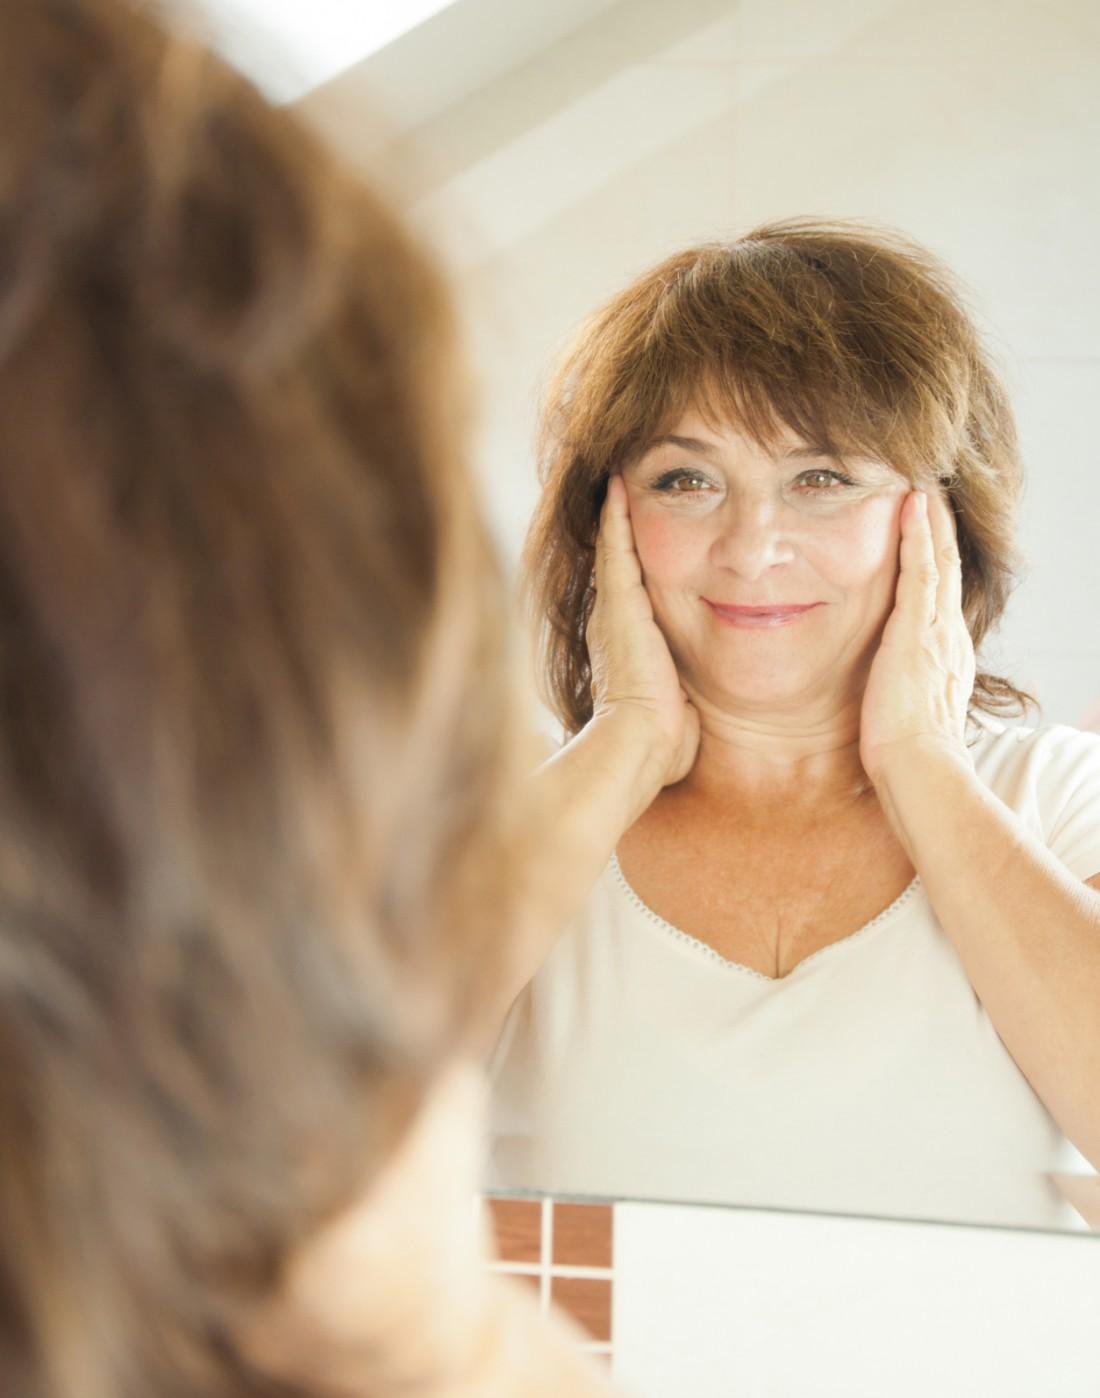 Главное в борьбе со старением – это регулярность выполнения уходовых процедур